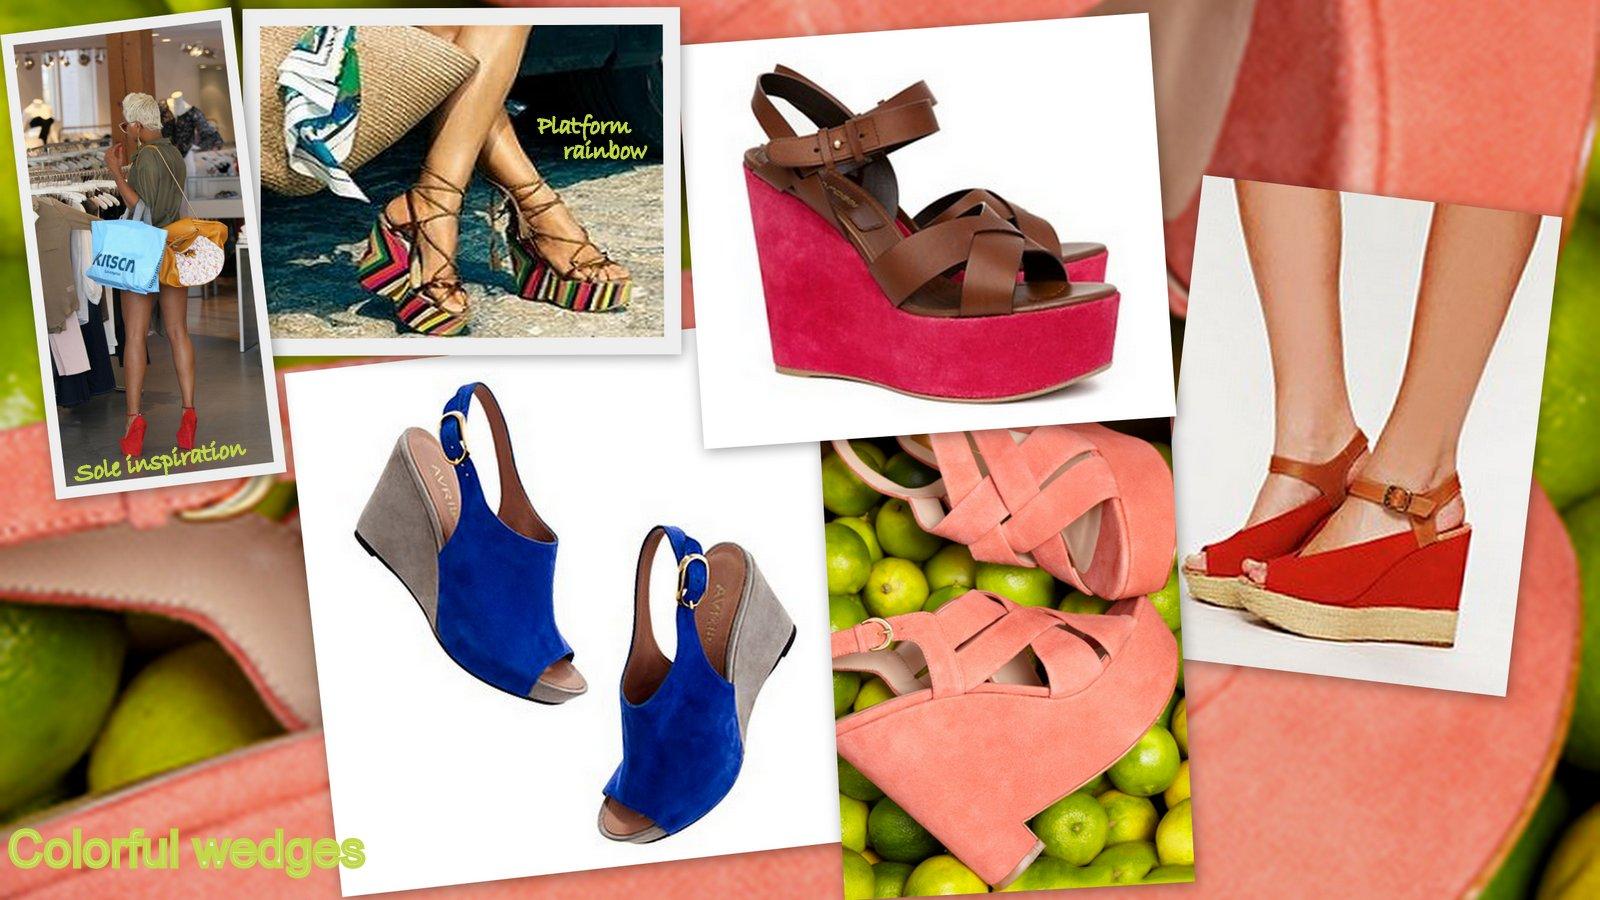 http://1.bp.blogspot.com/-YKMtthJHLj0/T5CIMYTRnsI/AAAAAAAACjA/oICvh3Kz8os/s1600/My%2BPictures7.jpg